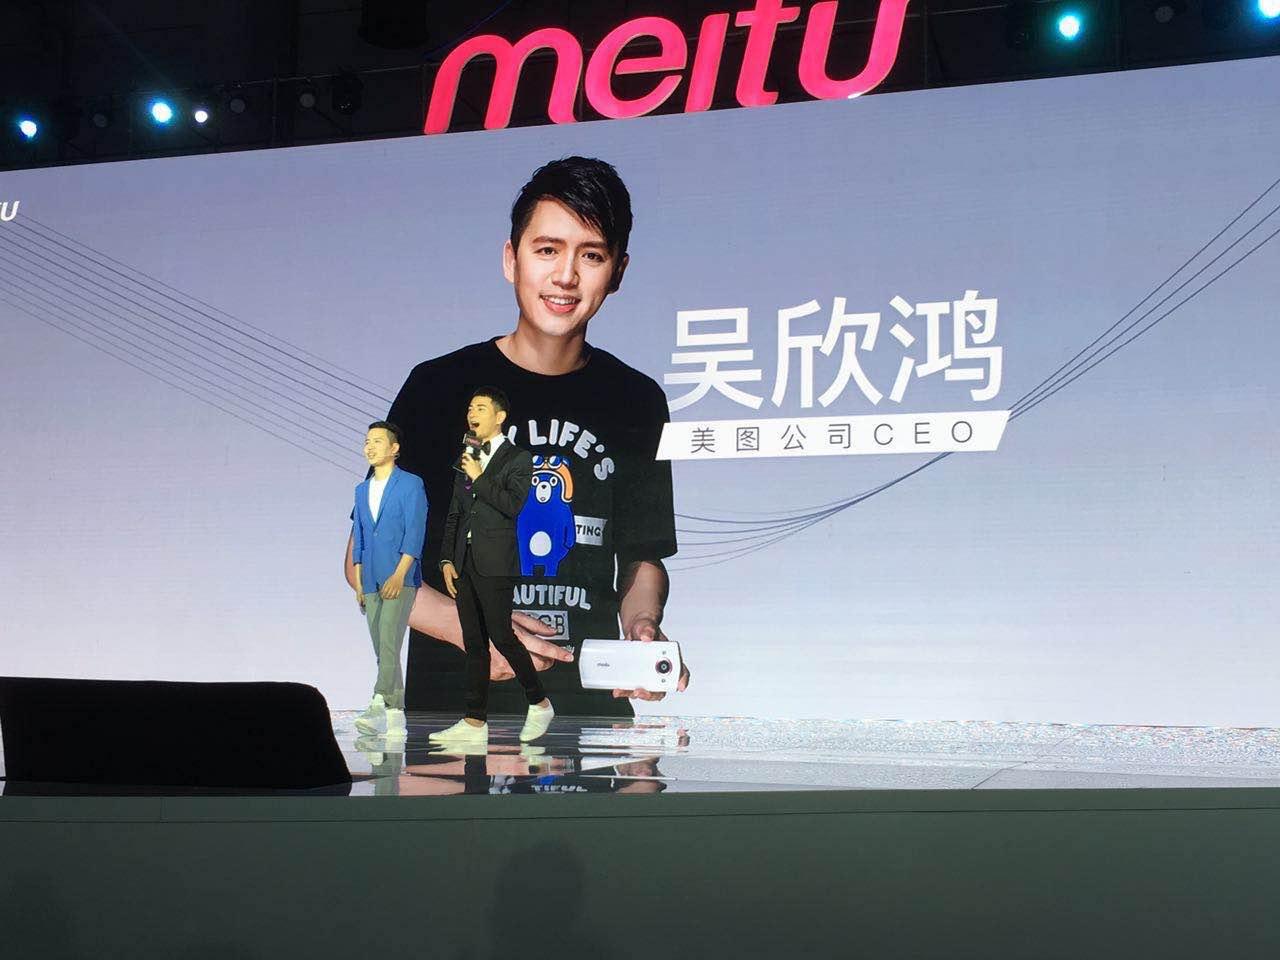 """美图手机发布会现场,""""逆生长""""中的吴欣鸿。在美图的宣传海报中,吴欣鸿穿着机车熊T恤,以一种清瘦的暖男形象出现在大众面前。"""